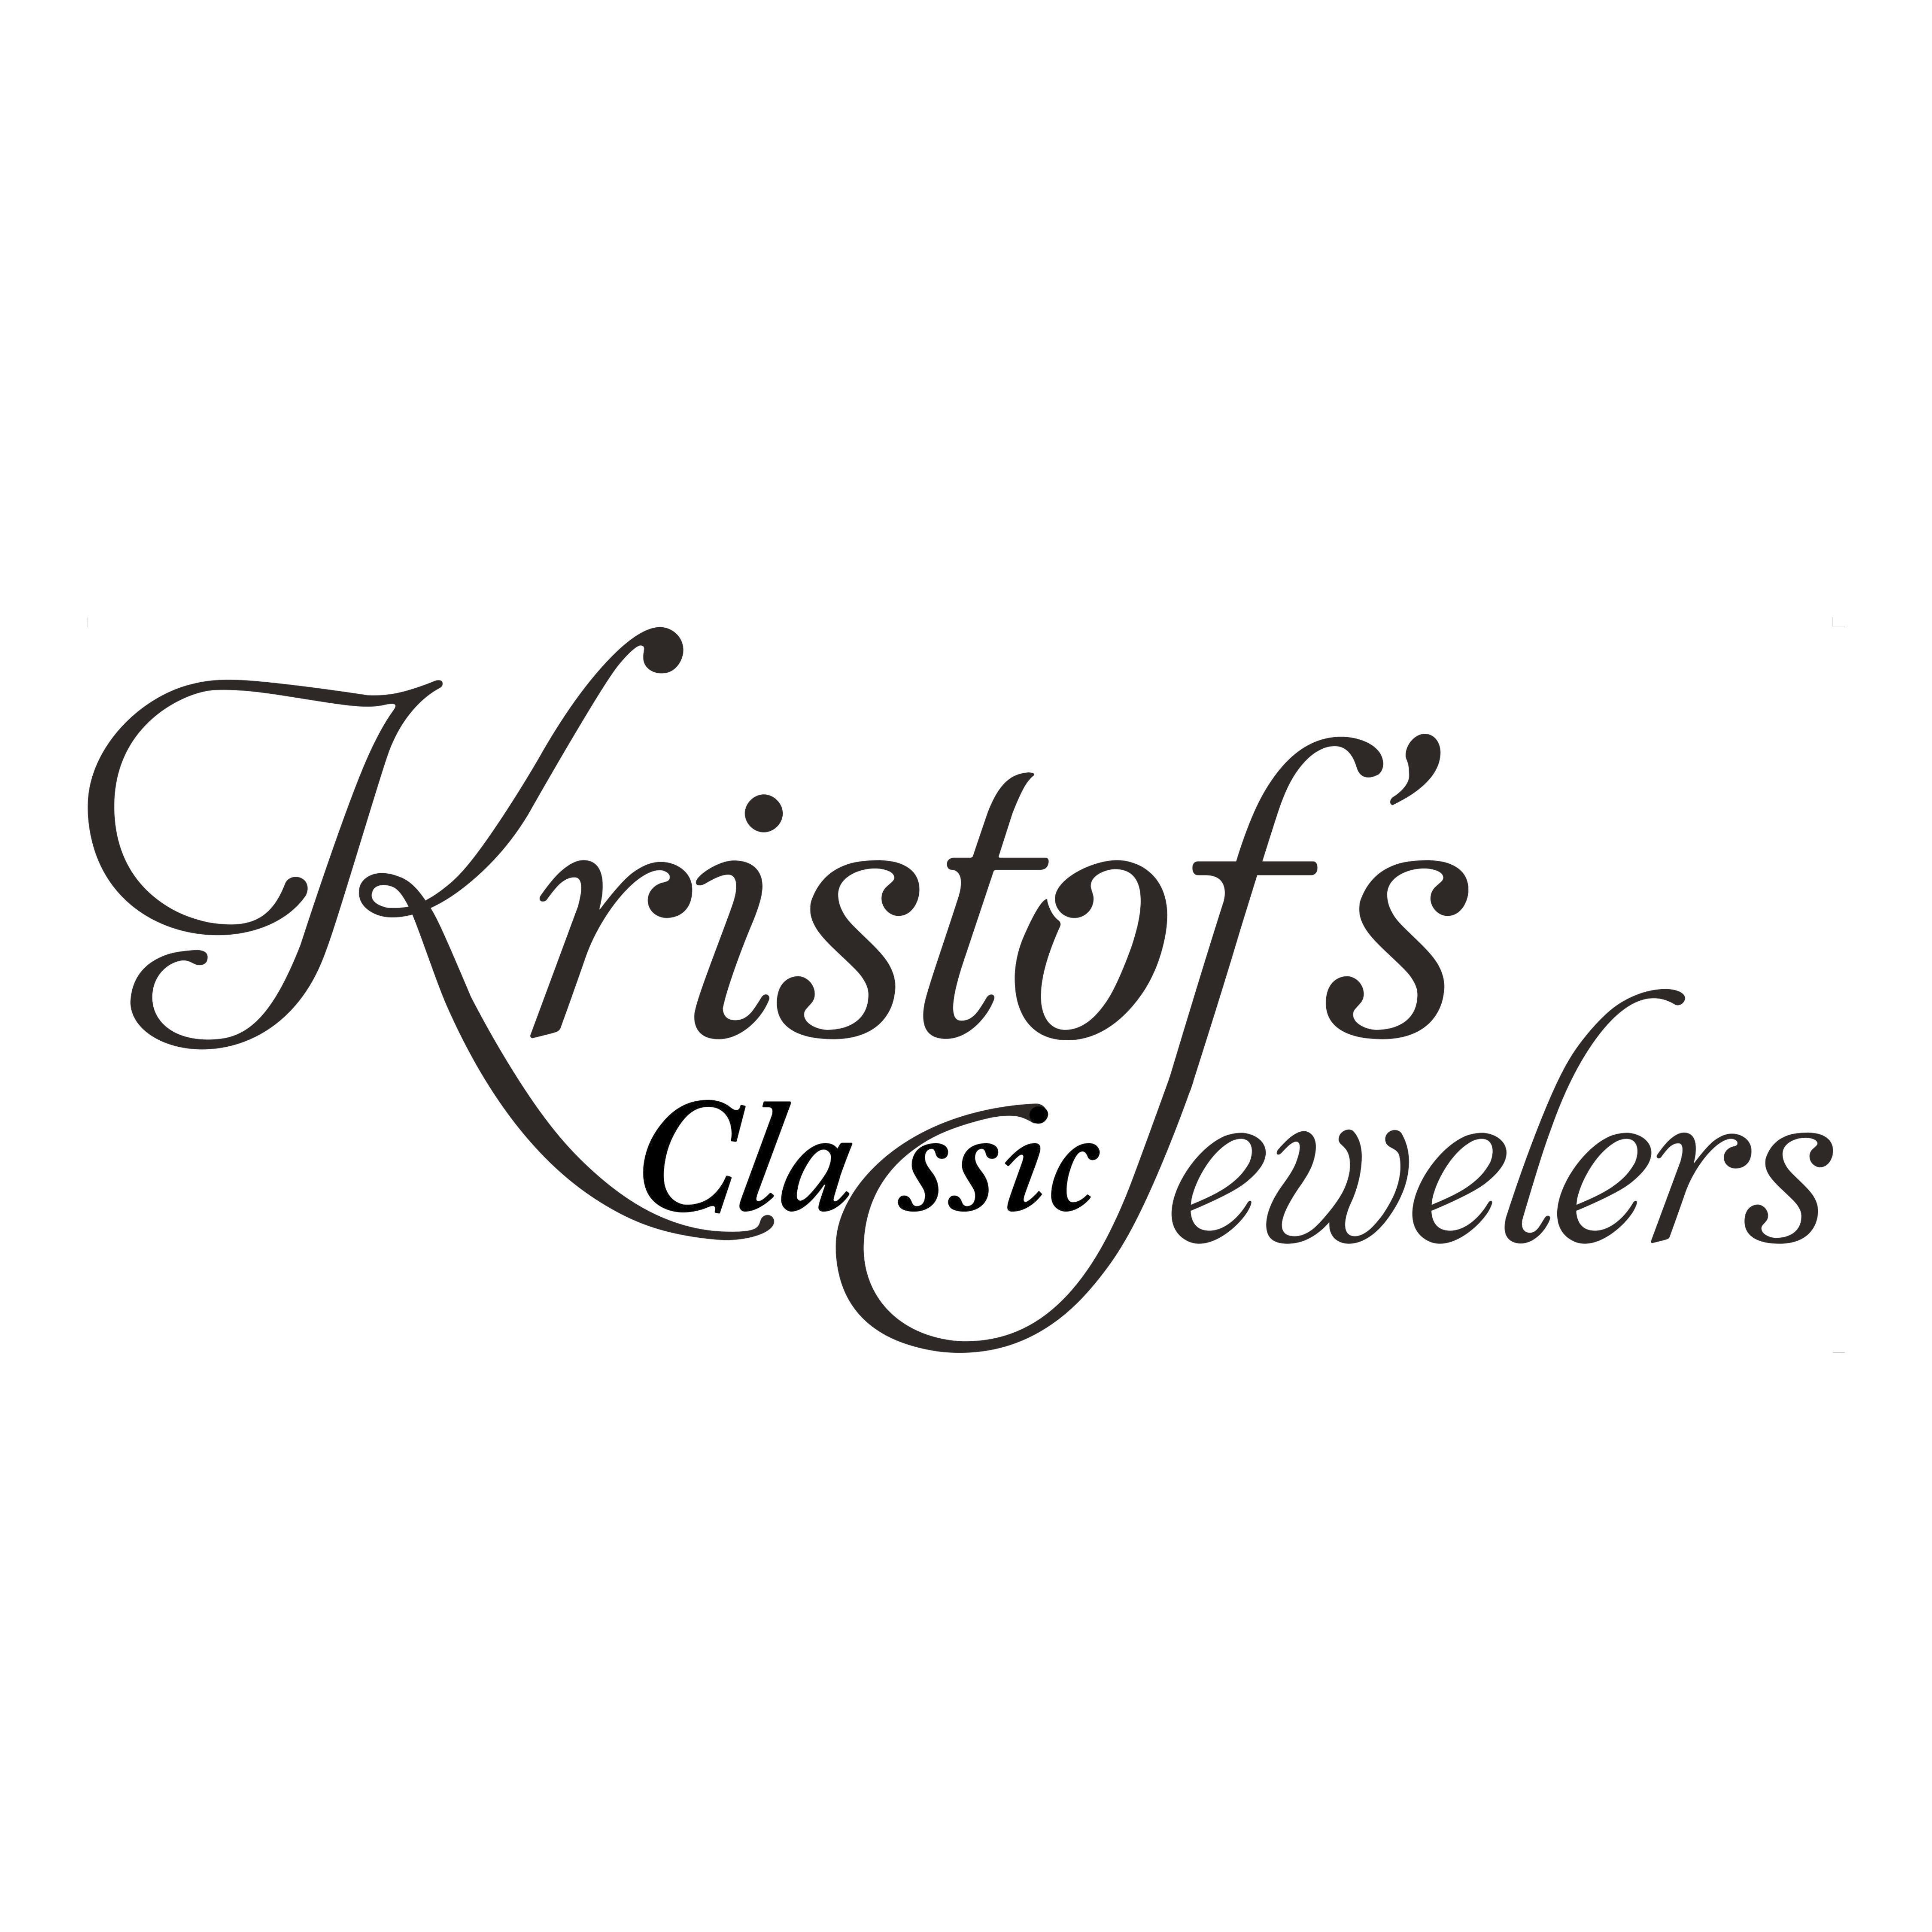 Kristof's Classic Jewelers